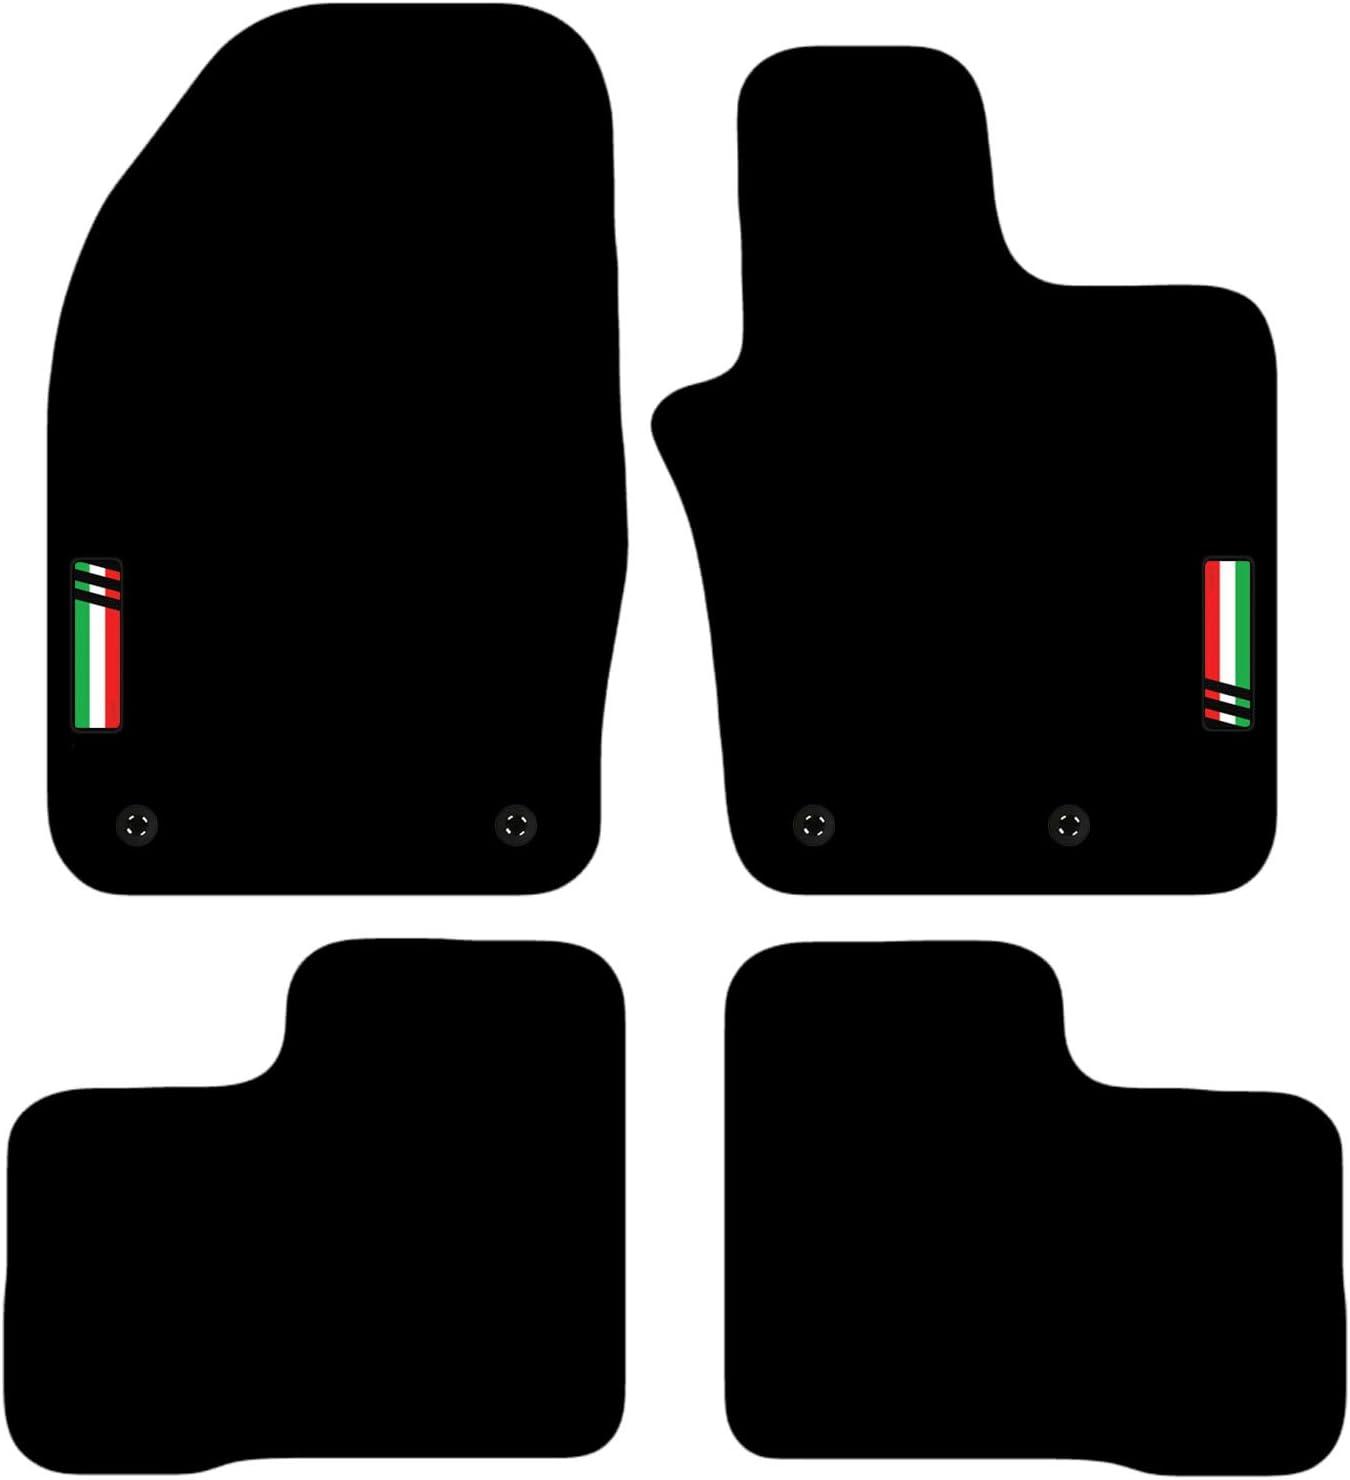 85 x 4 Color Negro Alfombrillas a Medida para Coche con Logotipo de 4 Clips para Adaptarse Carsio L138-CARP-CUT-3561- Fiat 500 x 2014 en adelante